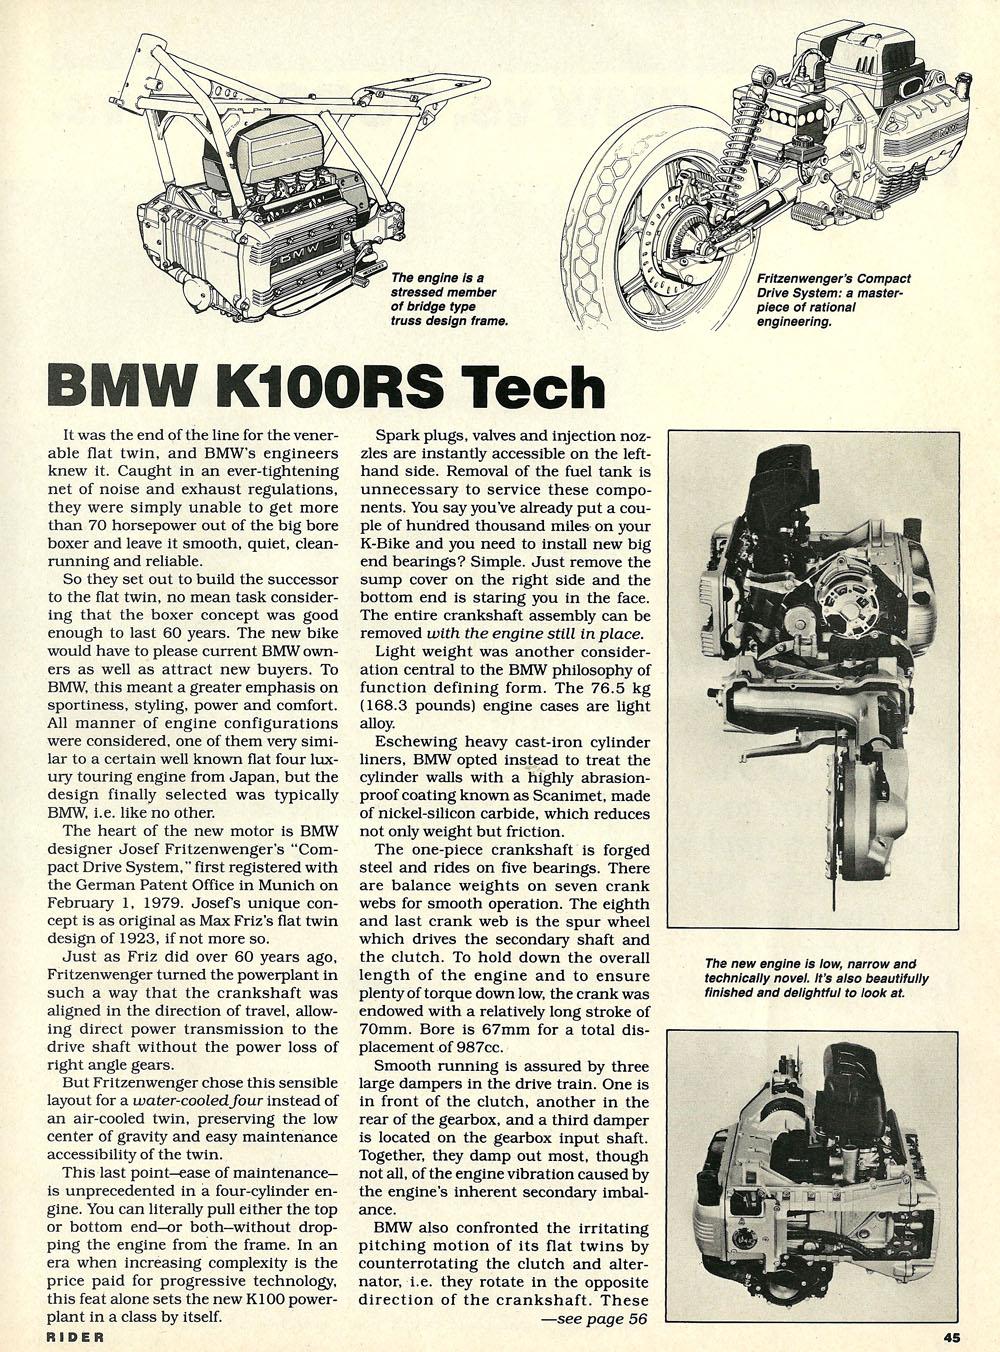 1984 bmw k100rs tech 01.jpg